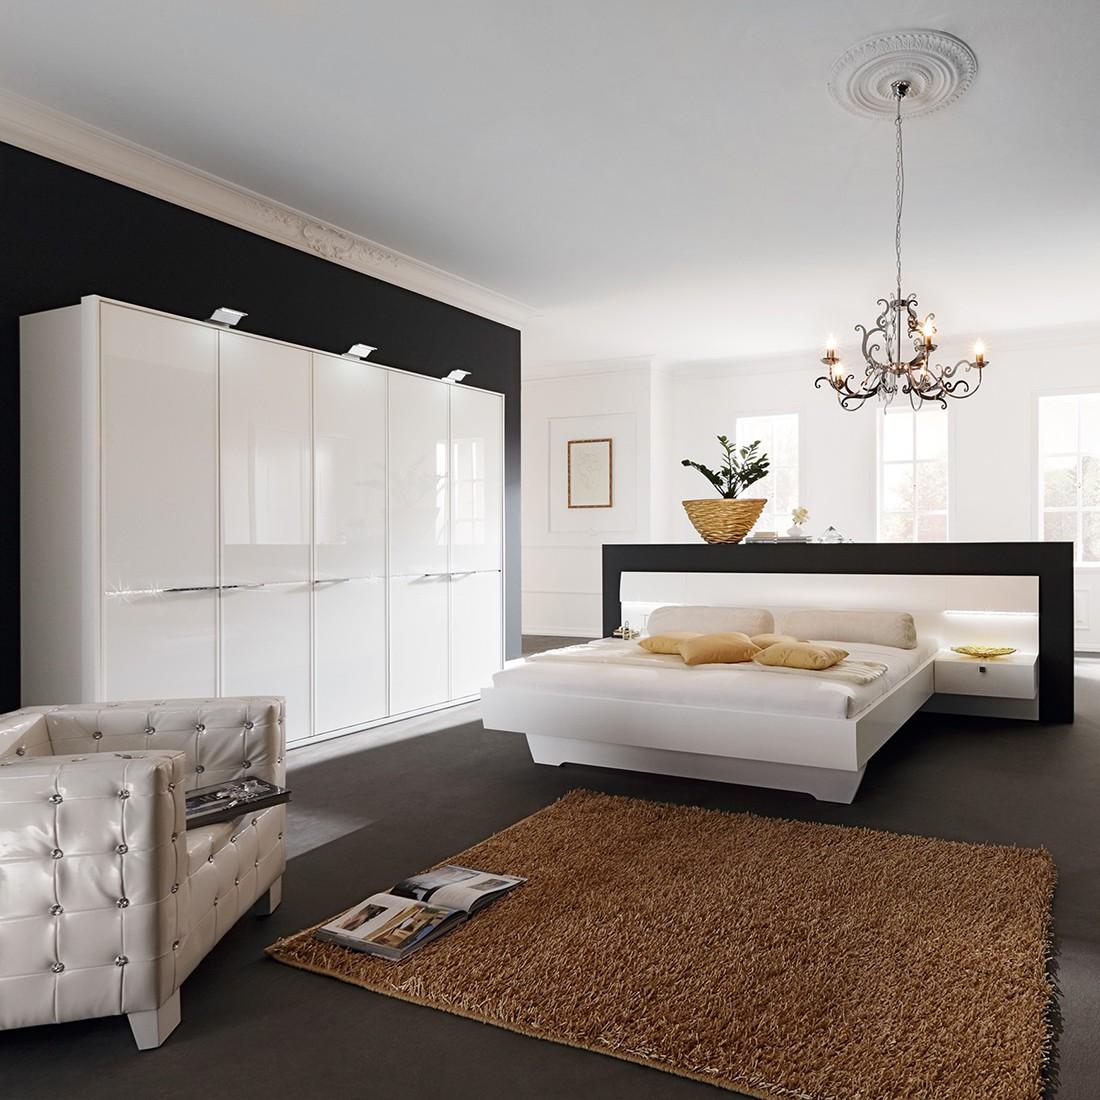 eek a schlafzimmer set diamond starlight mit swarovski elementen dreht renschrank 300 cm. Black Bedroom Furniture Sets. Home Design Ideas